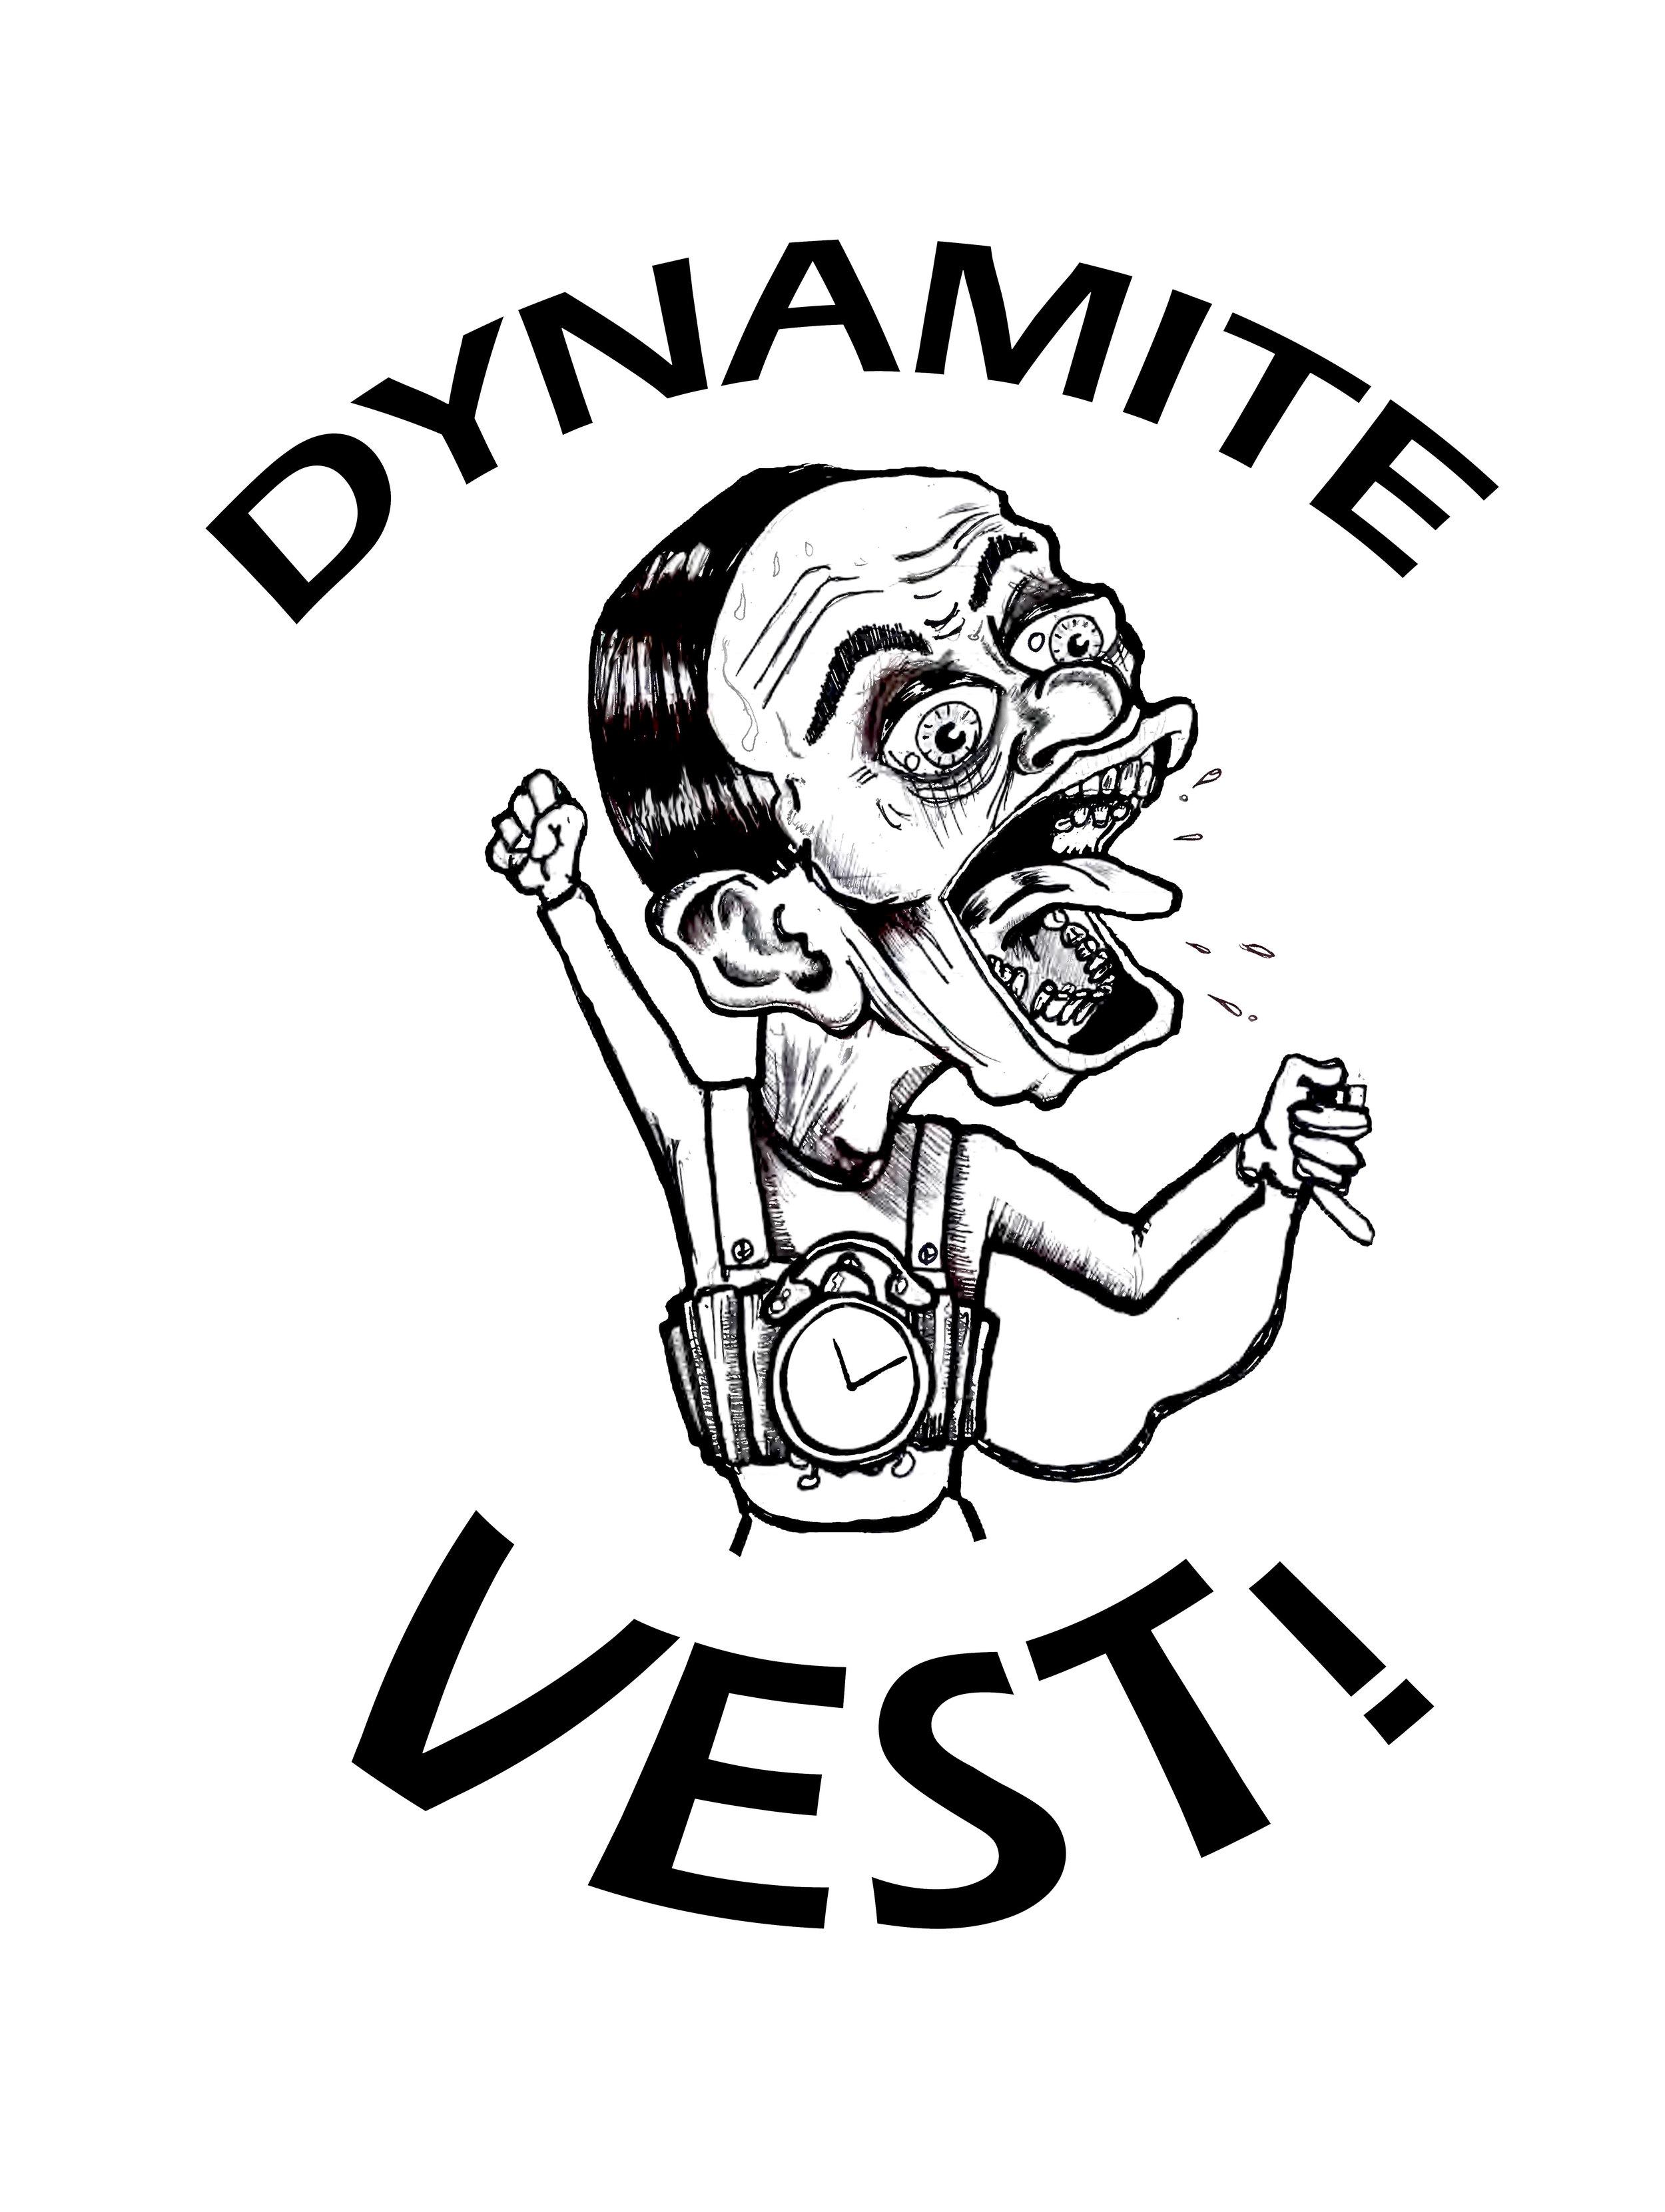 i-logo-dynamite-vest-logo.jpg